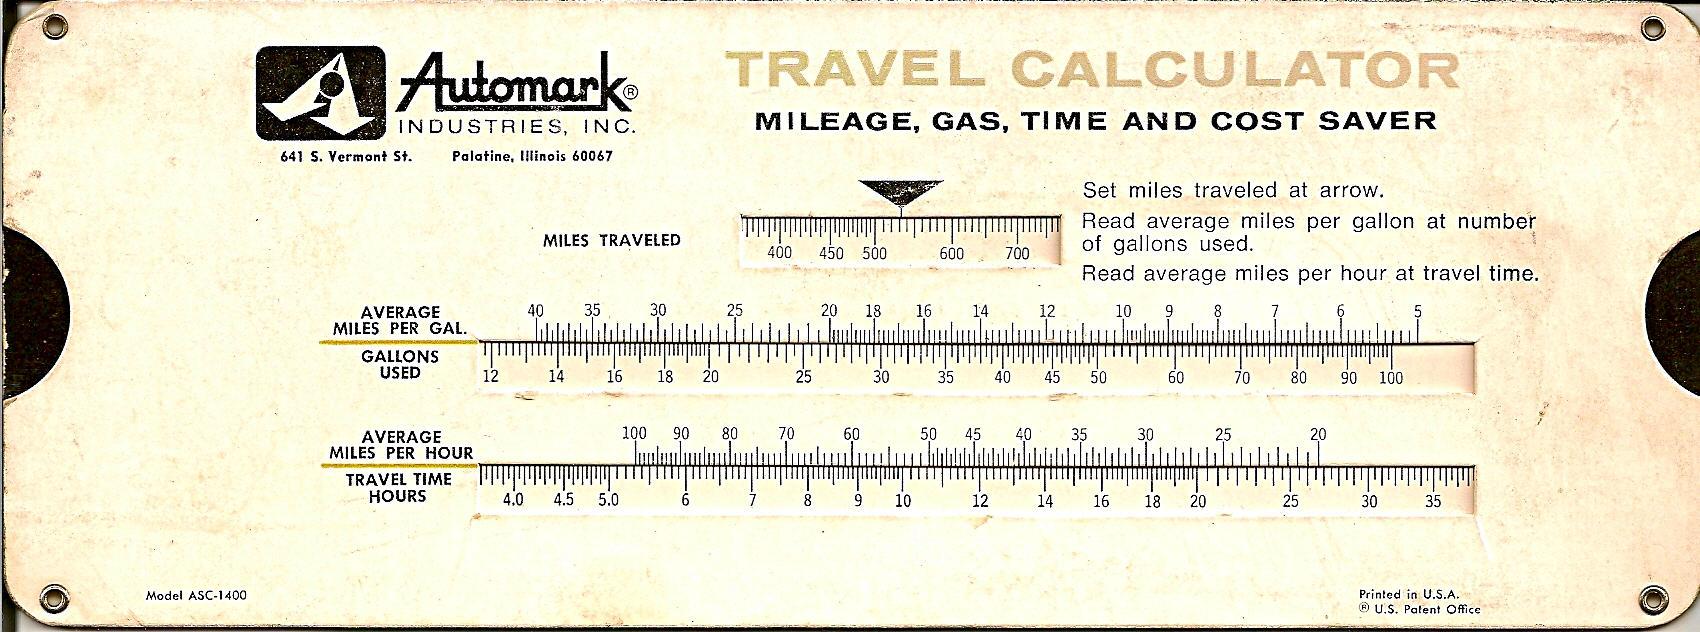 gas miles per gallon calculator